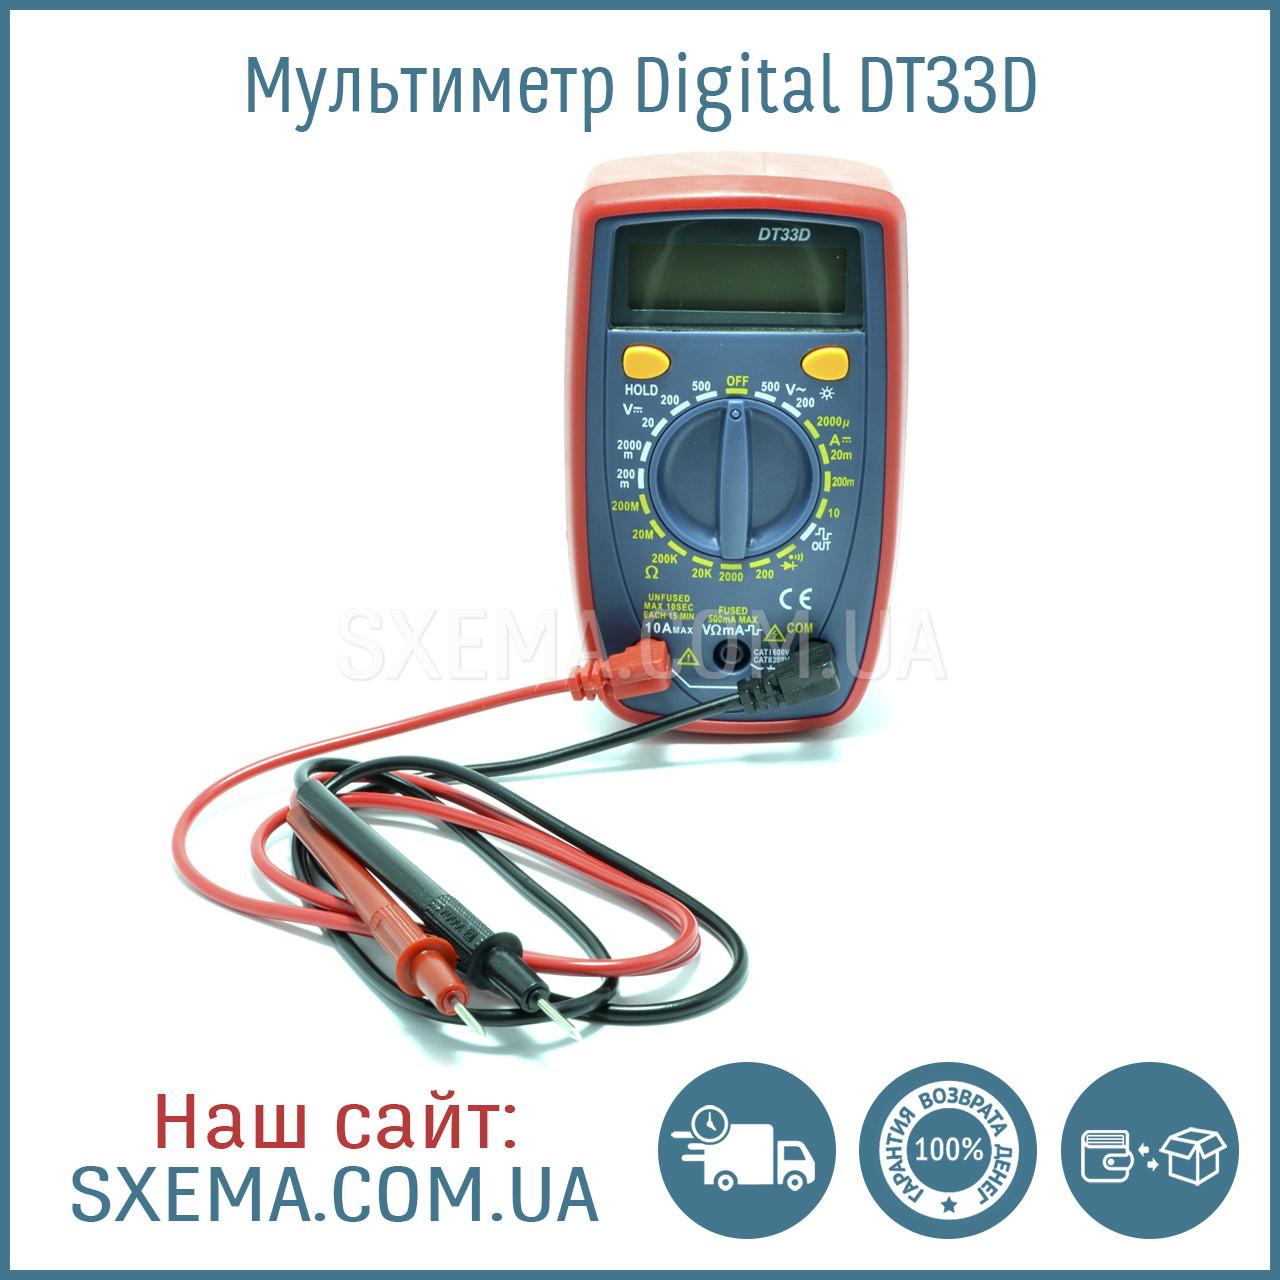 Мультиметр DT33D в защитном чехле, подсветка дисплея